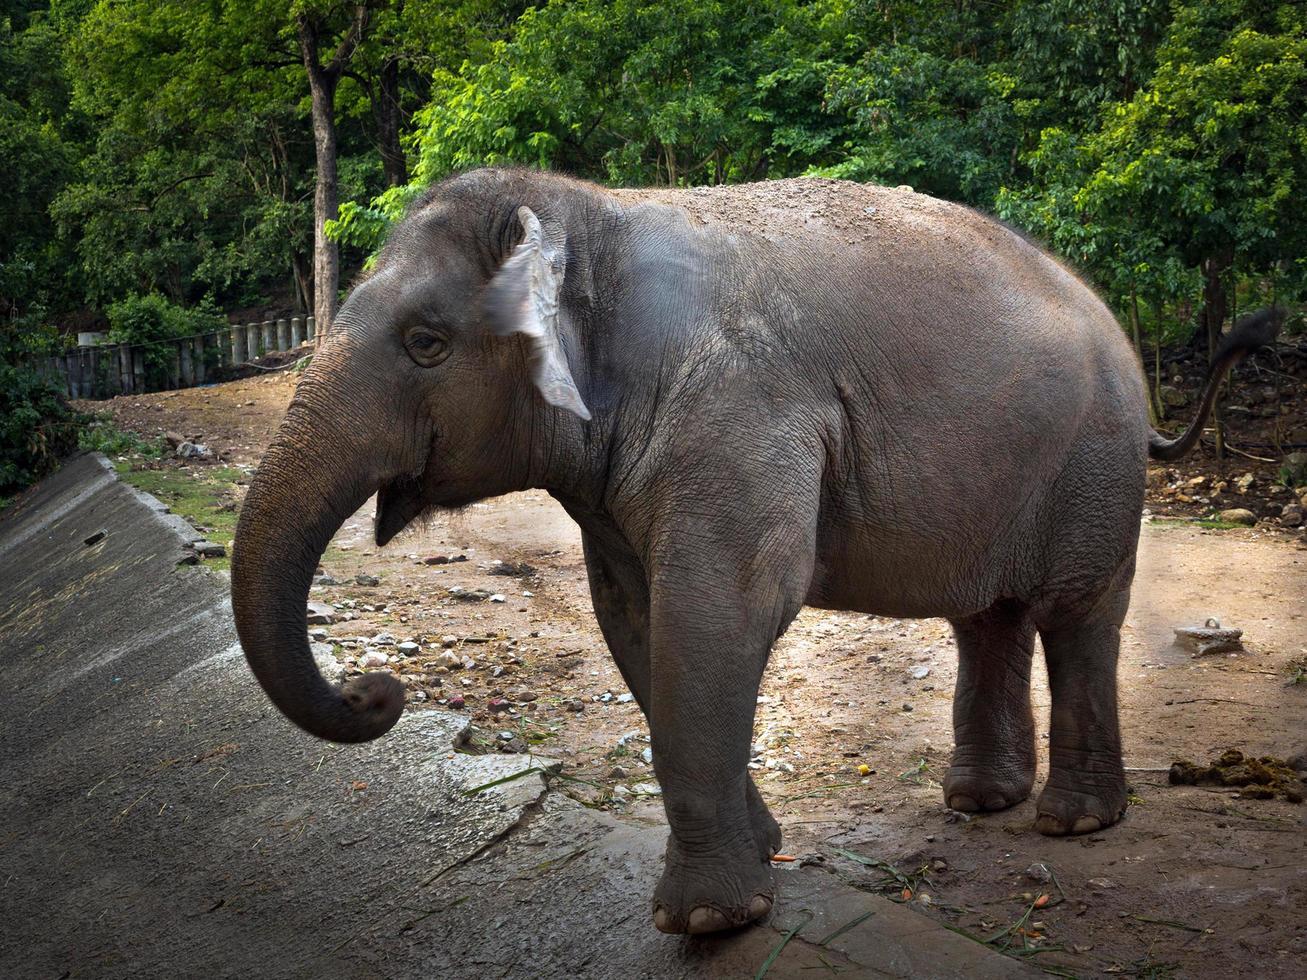 gli elefanti asiatici stanno in mezzo alla natura selvaggia foto